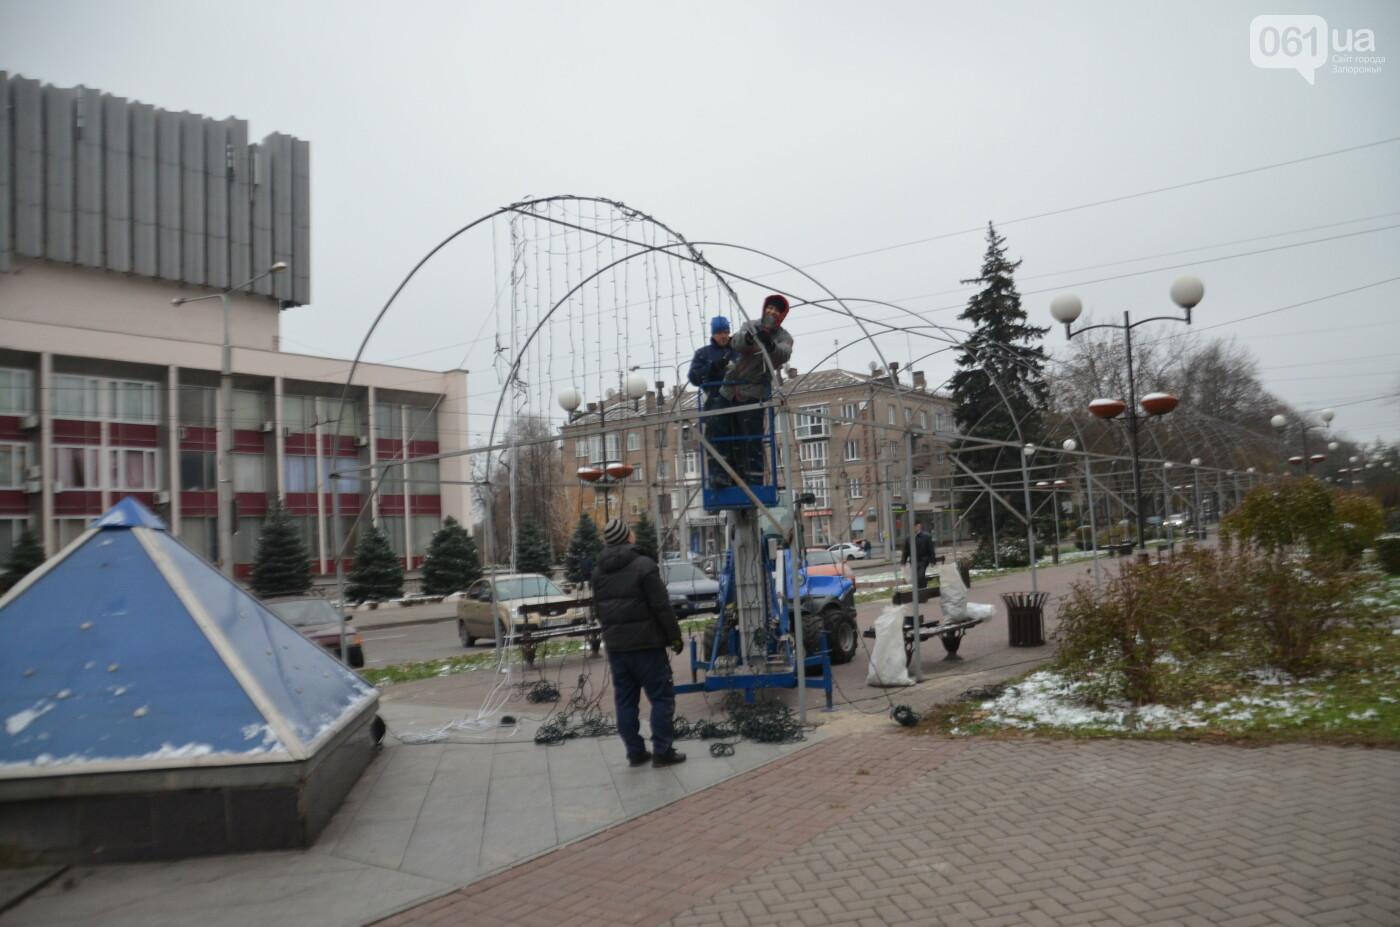 В Запорожье на бульваре Шевченко начали монтировать новогодний городок на БШ за 1,8 миллиона гривен, фото-9